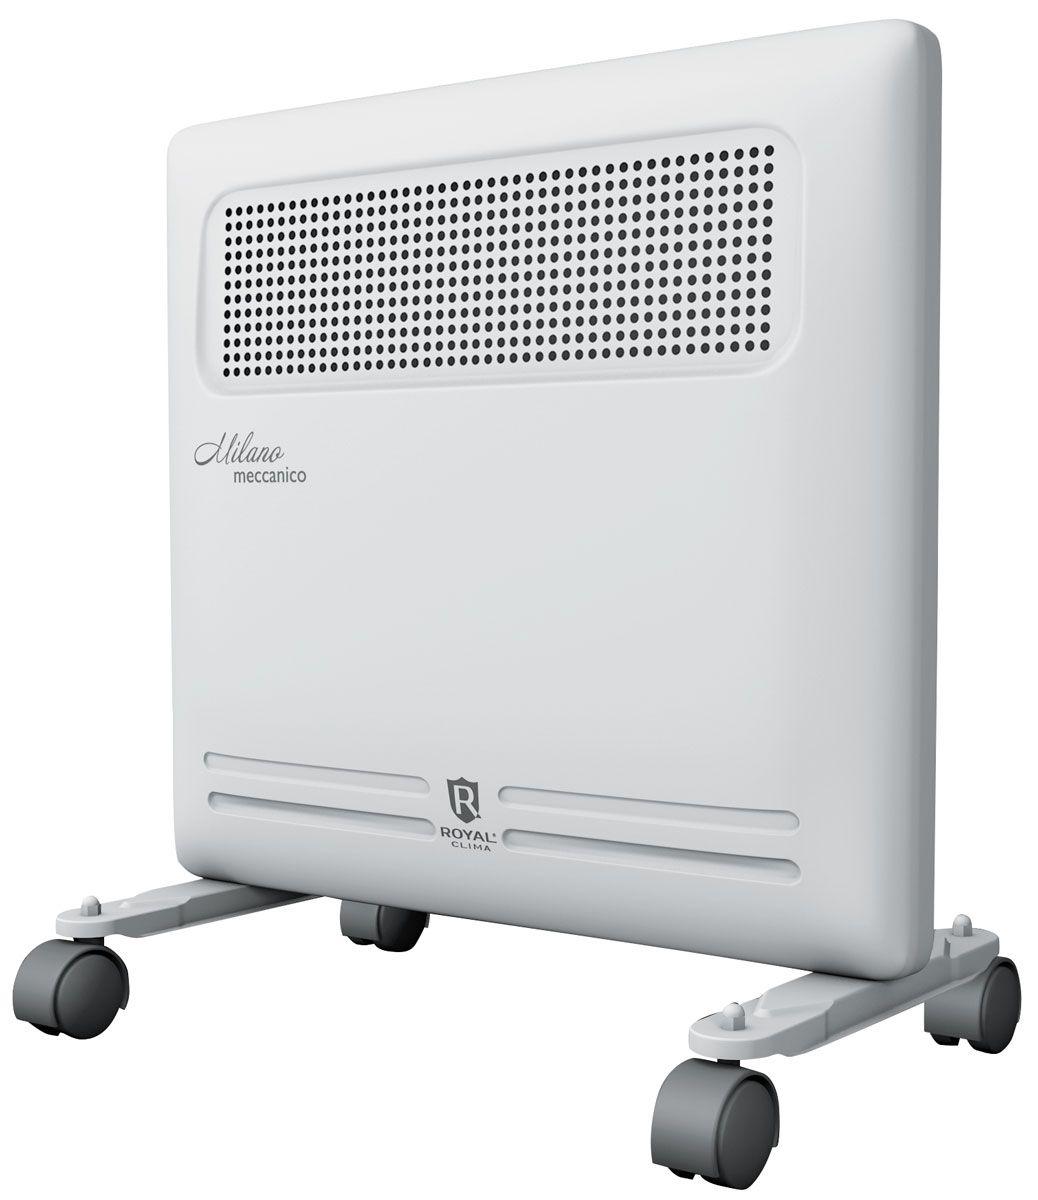 Royal Clima REC-M1000M электрический конвекторREC-M1000MКонвектор Royal Milano Meccanico - это идеальное сочетание высокого качества, производительности и безопасности использования в изысканном итальянском дизайне.Эксклюзивная конструкция воздухораздаточного отверстия увеличенной площади обеспечивает равномерный прогрев всего помещения. Высокая эффективность работы конвектора достигается благодаря литому алюминиевому нагревательному X-элементу X-ROYAL Long Life Heater, который обладает увеличенной площадью теплообмена и сниженной температурой поверхности. Нагревательный элемент нового поколения обеспечивает мгновенный разогрев за 10-20 секунд, высокую эффективность распределения тепла, и при этом не пересушивает воздух и не сжигает кислород.Все необходимые опции и режимы, система безопасной эксплуатации Security Project, легкая установка и эксплуатация делают Royal Milano Meccanico незаменимым для вашего дома.